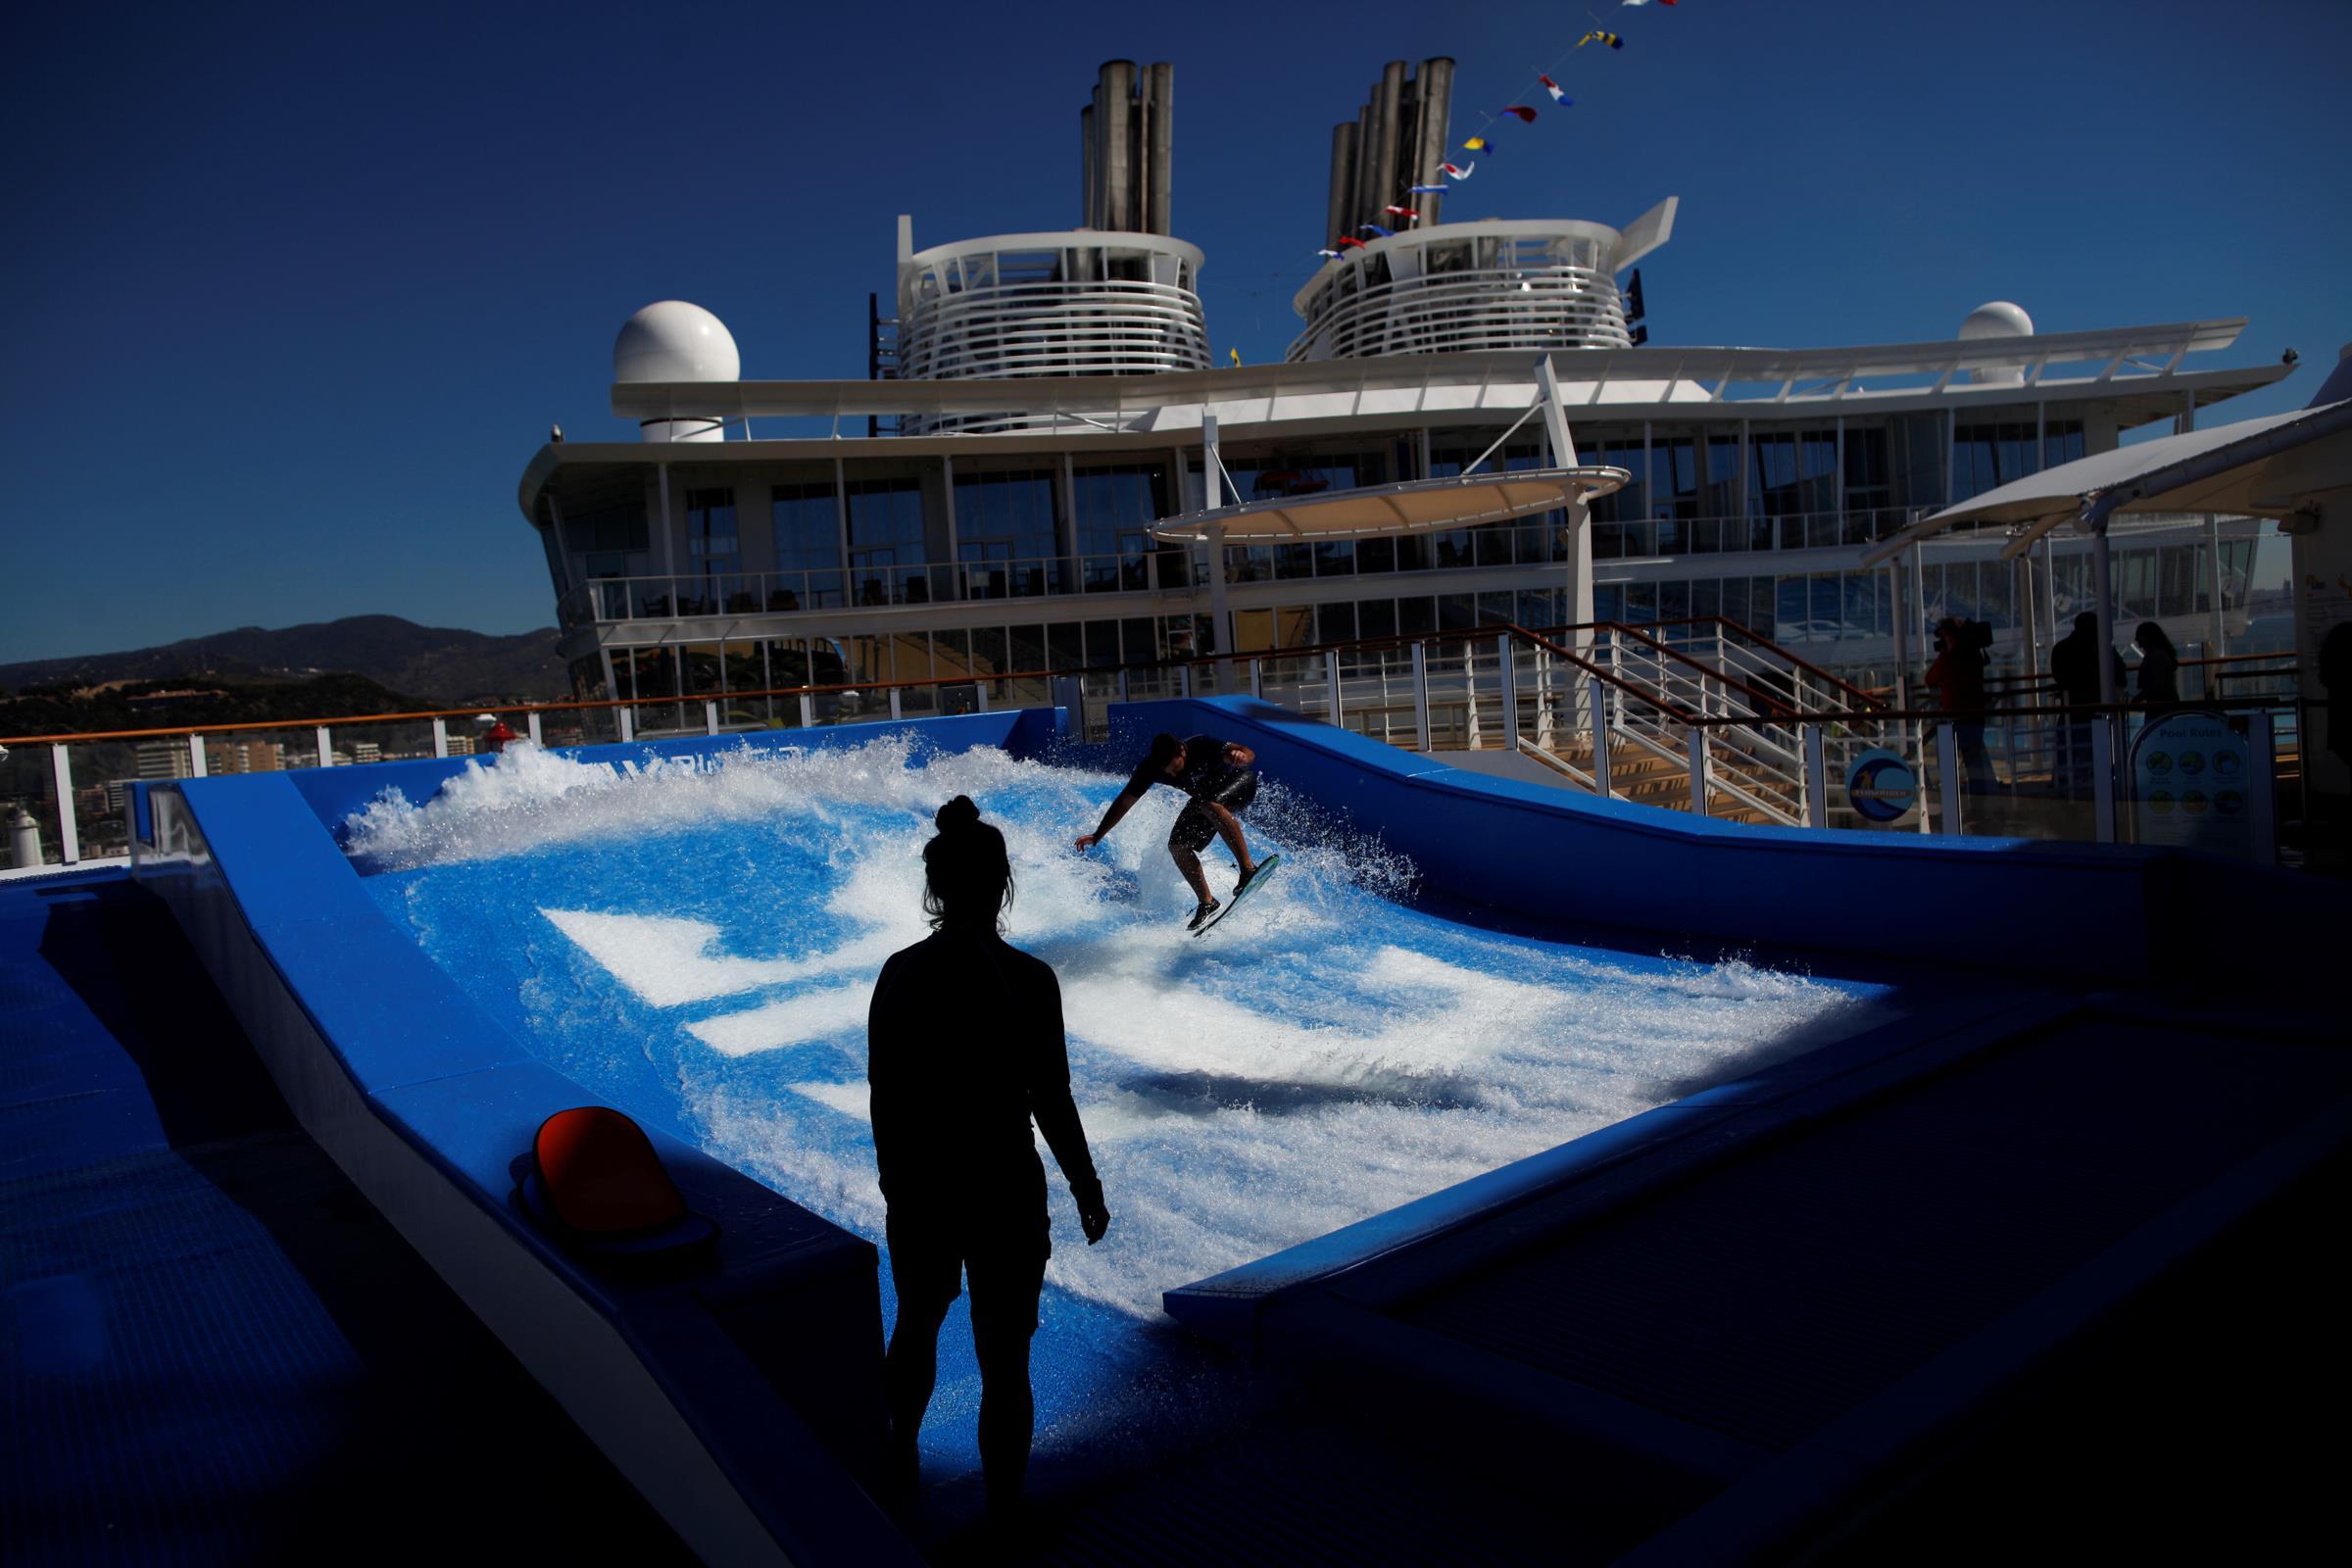 Senhores passageiros, eis o maior barco de cruzeiros do mundo